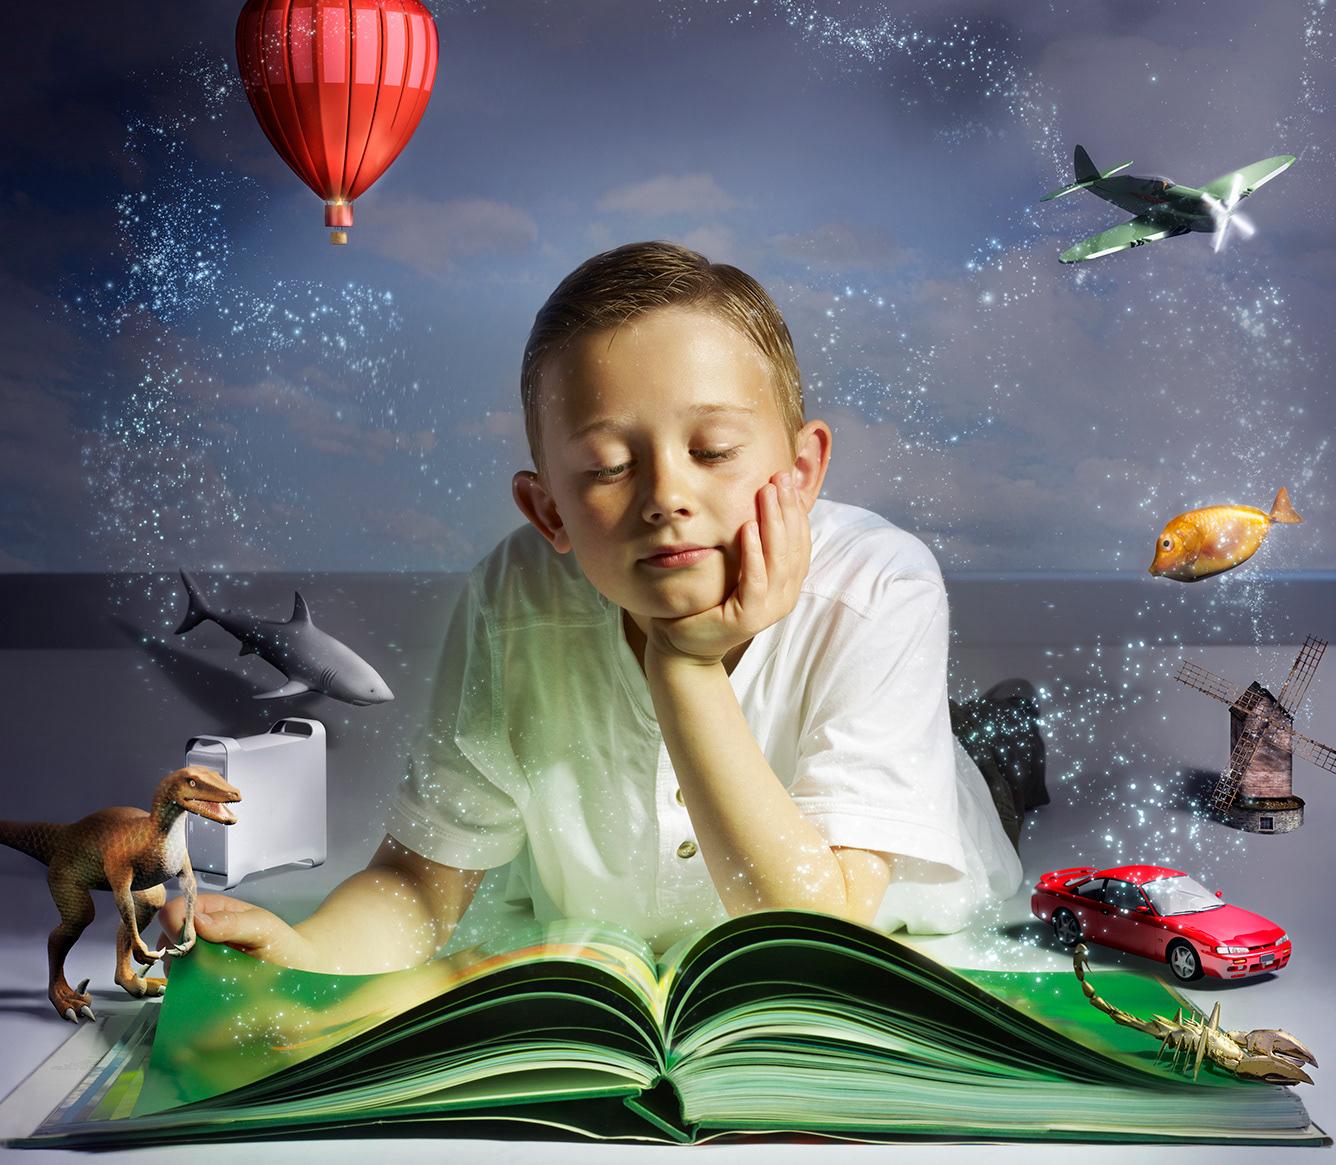 Человеку необходимо найти время и возможности для работы над улучшением своего воображения